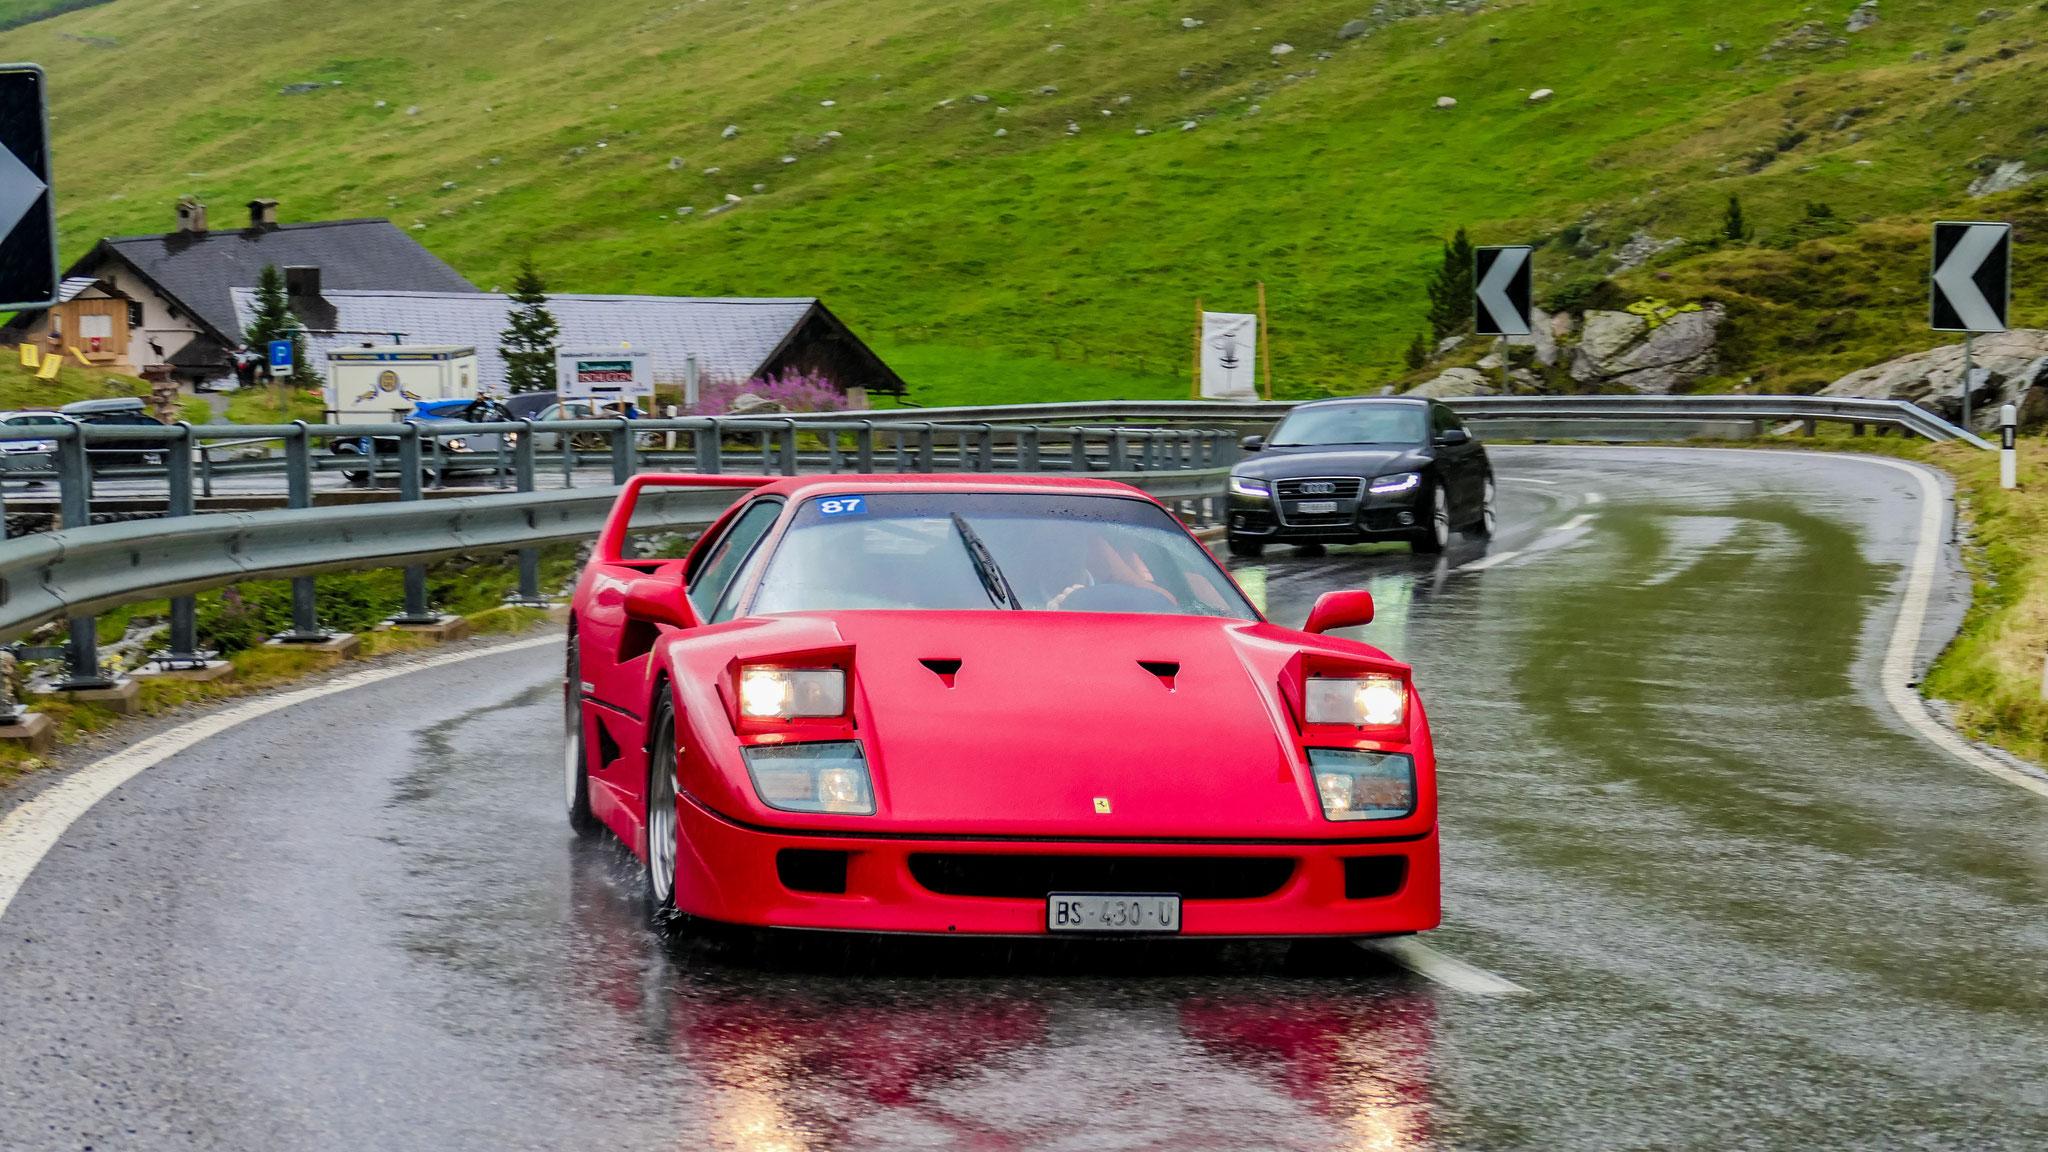 Ferrari F40 - BS-430-U (CH)